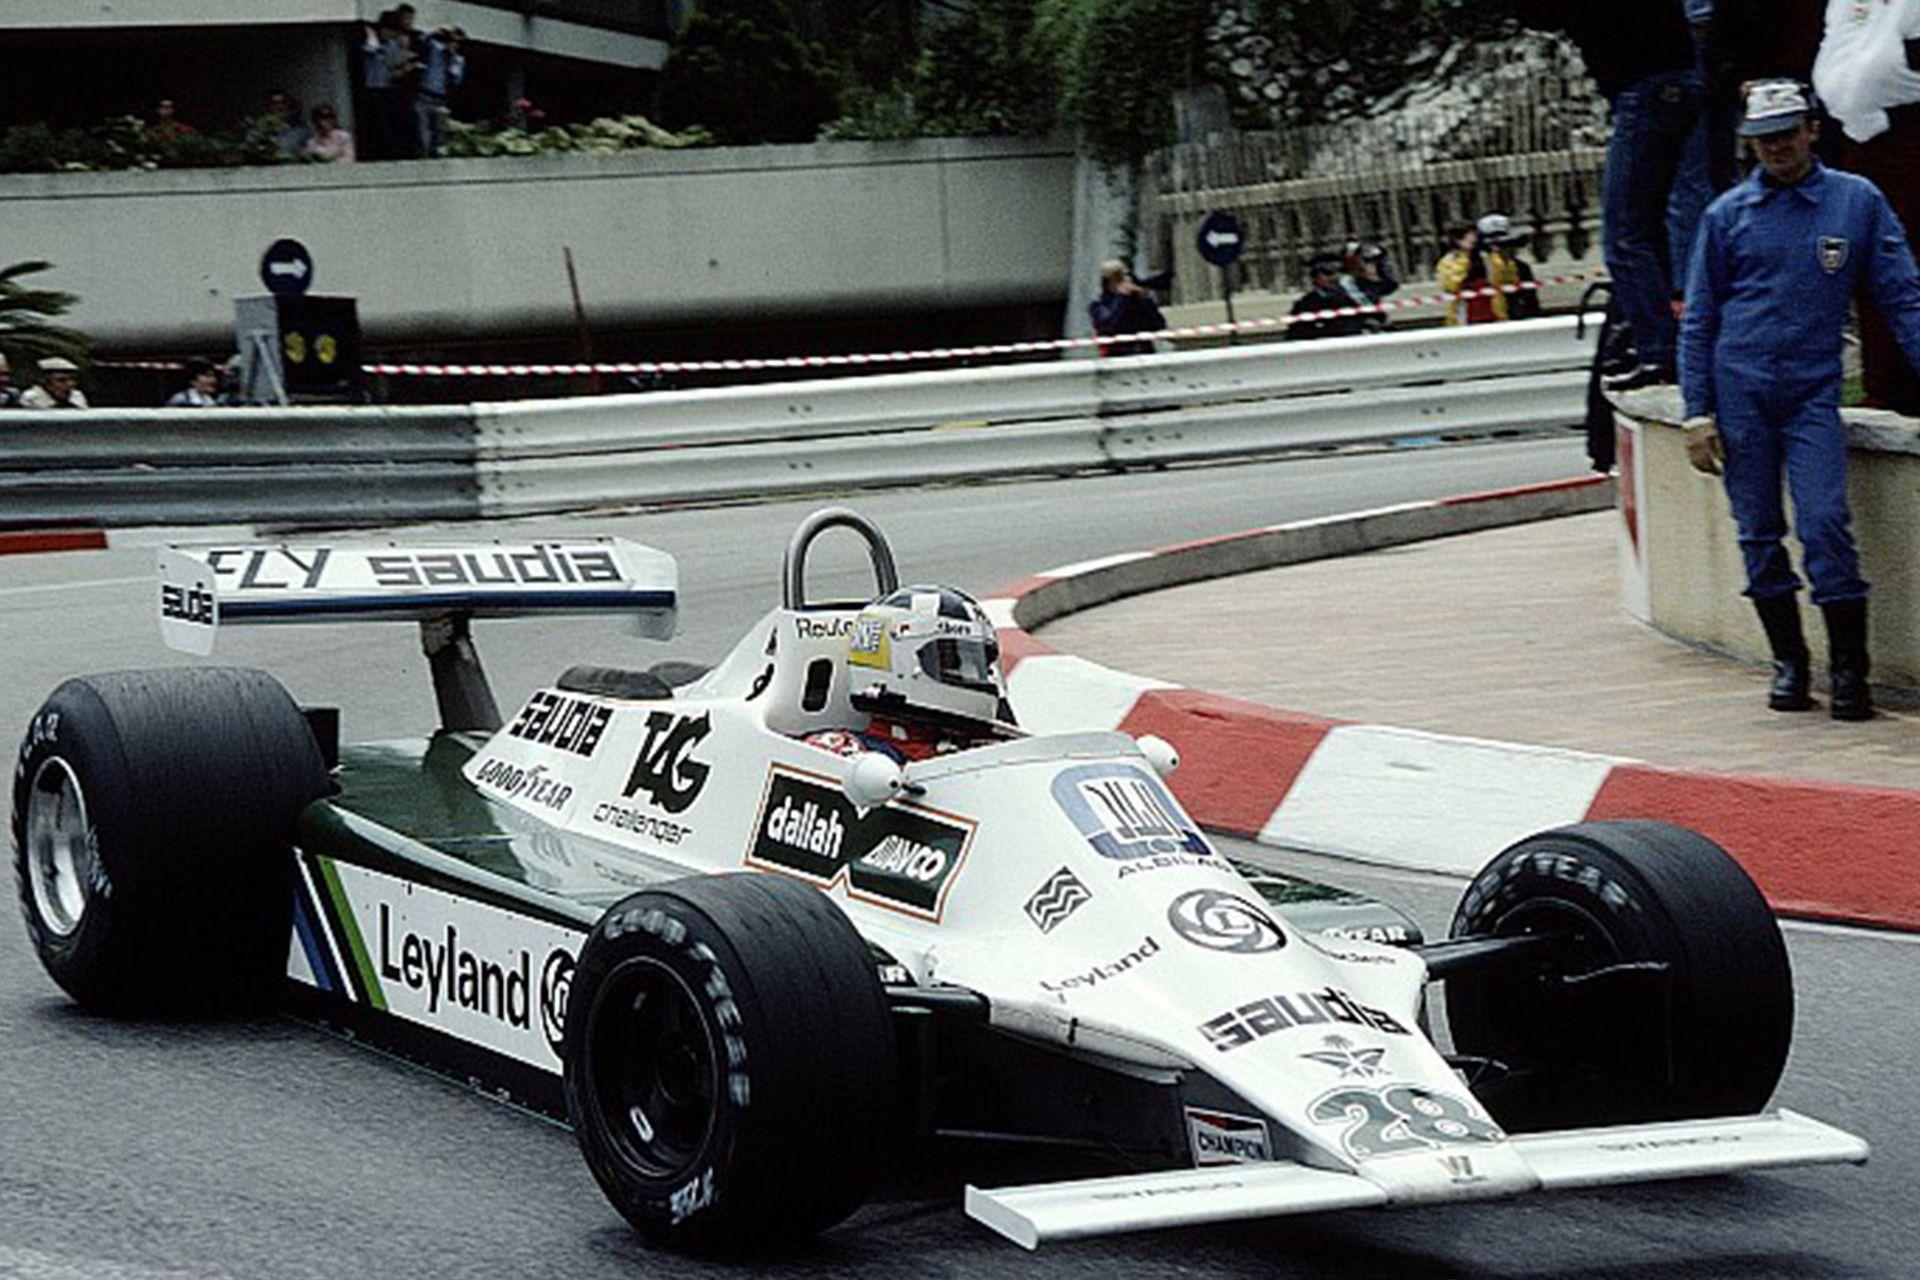 El Williams de Reutemann en la curva del hotel Loews, la más lenta de la Fórmula 1; el 18 de mayo de 1980, el santafesino logró su primera victoria en la escudería británica, el antepenúltimo de los 36 triunfos argentinos en la categoría